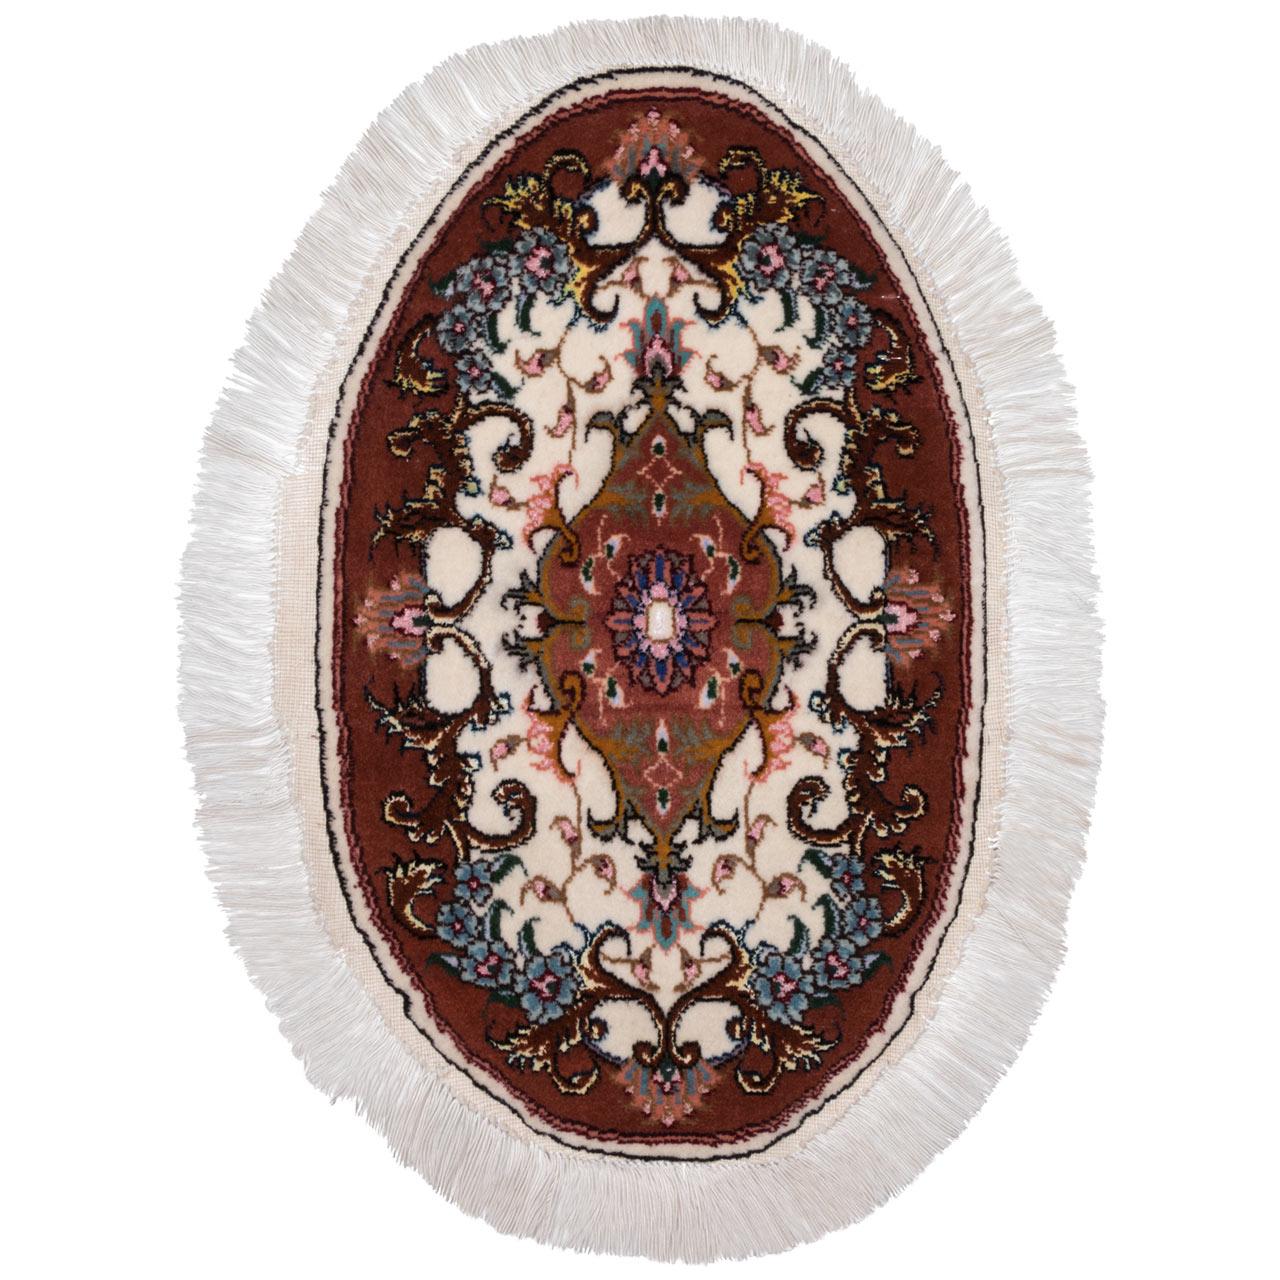 فرش دستباف یک دهم متری سی پرشیا کد 172033